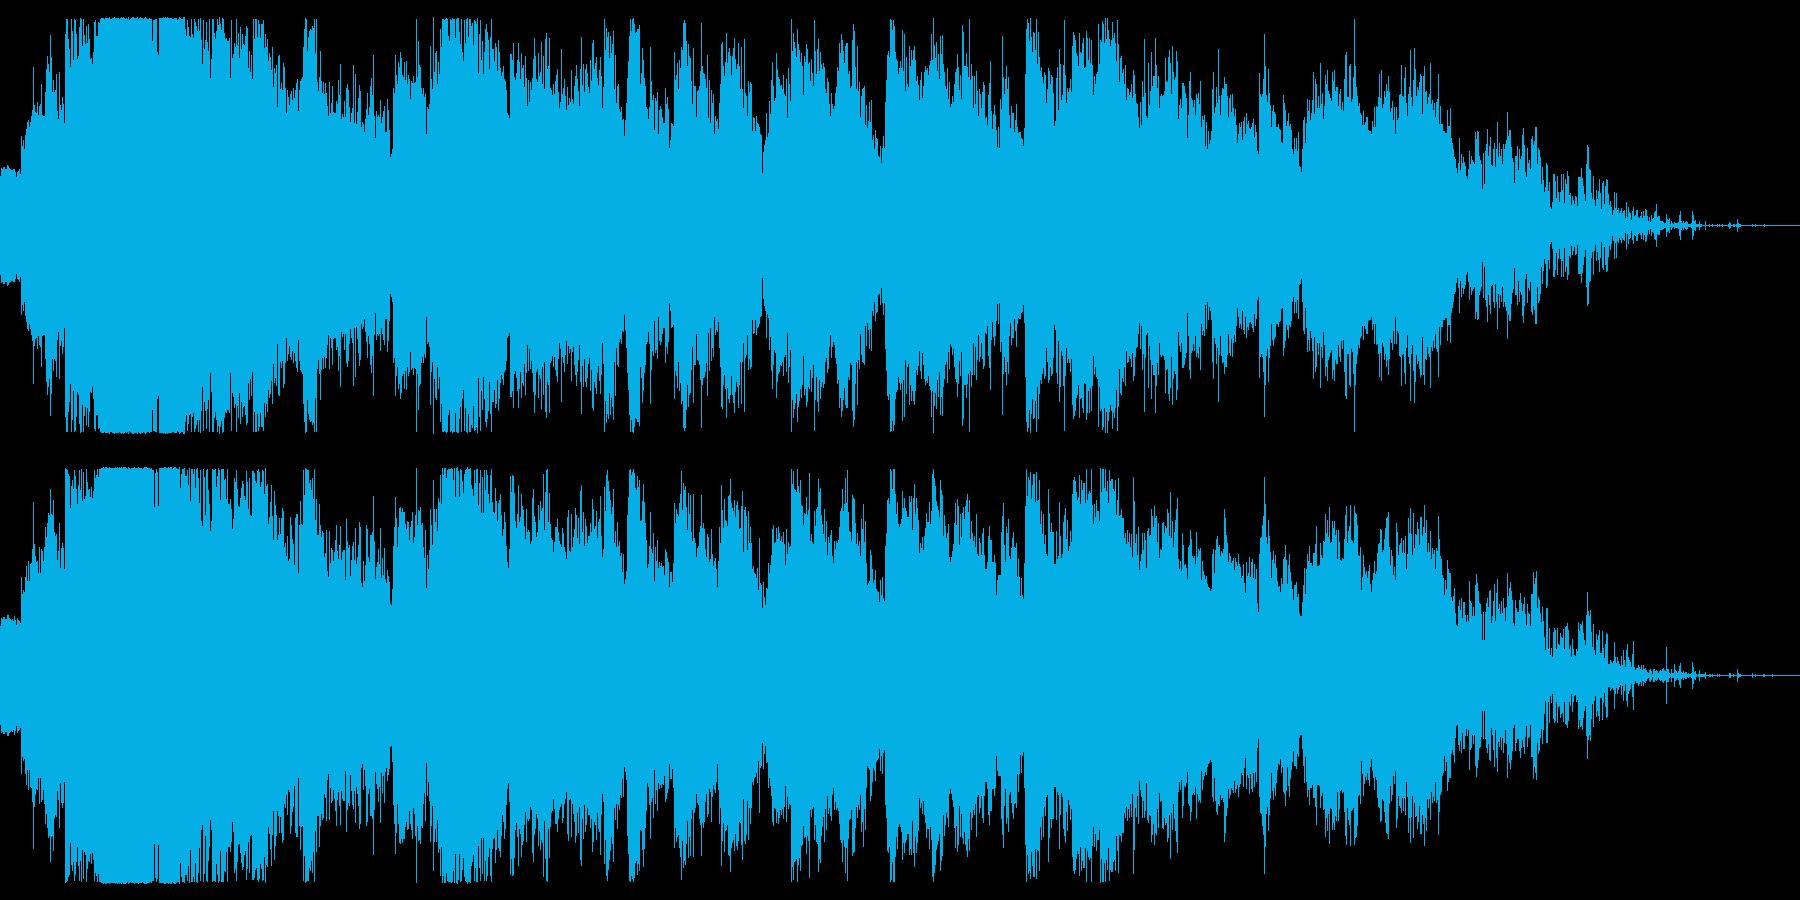 DEBRISによる大規模なクラッシ...の再生済みの波形